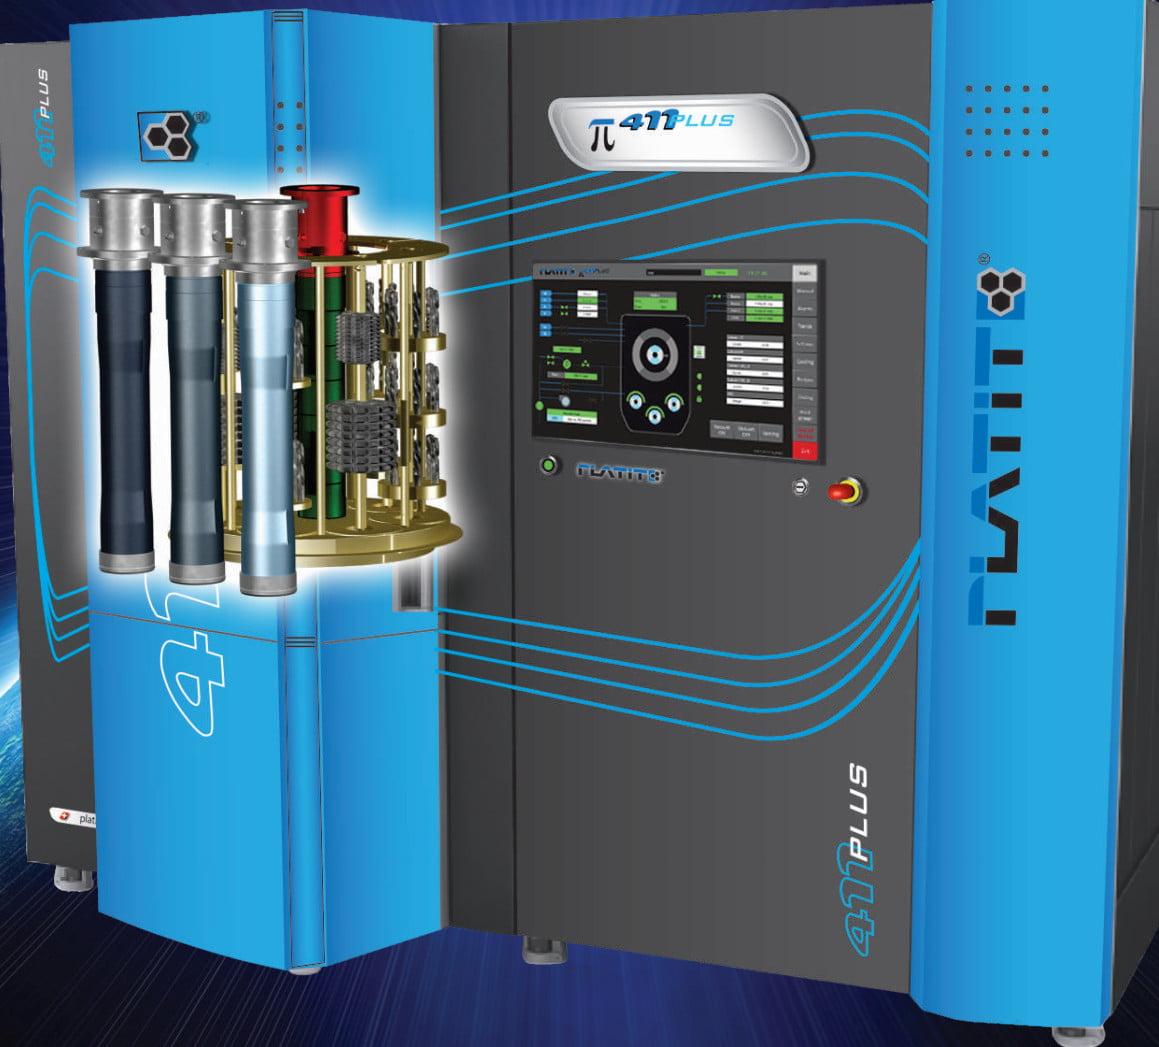 Platit pi411Plus PVD Kaplama Teknolojisi